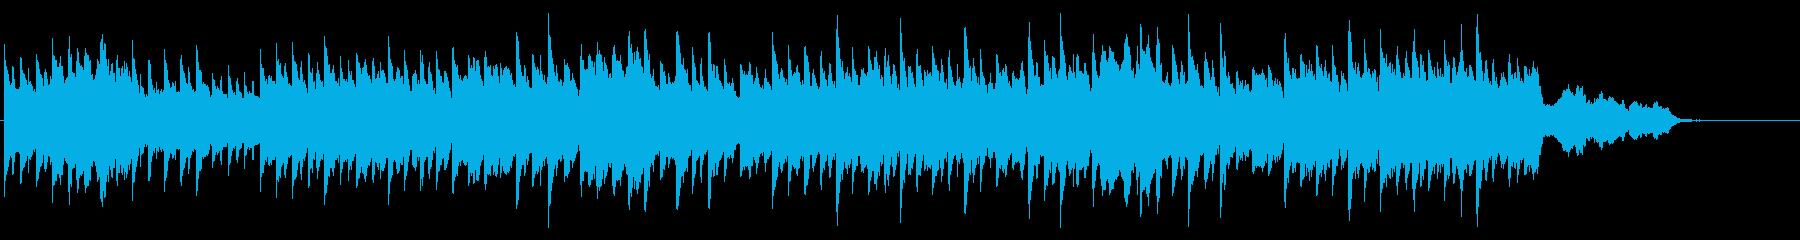 じんわりとした感動/ピアノとストリングスの再生済みの波形